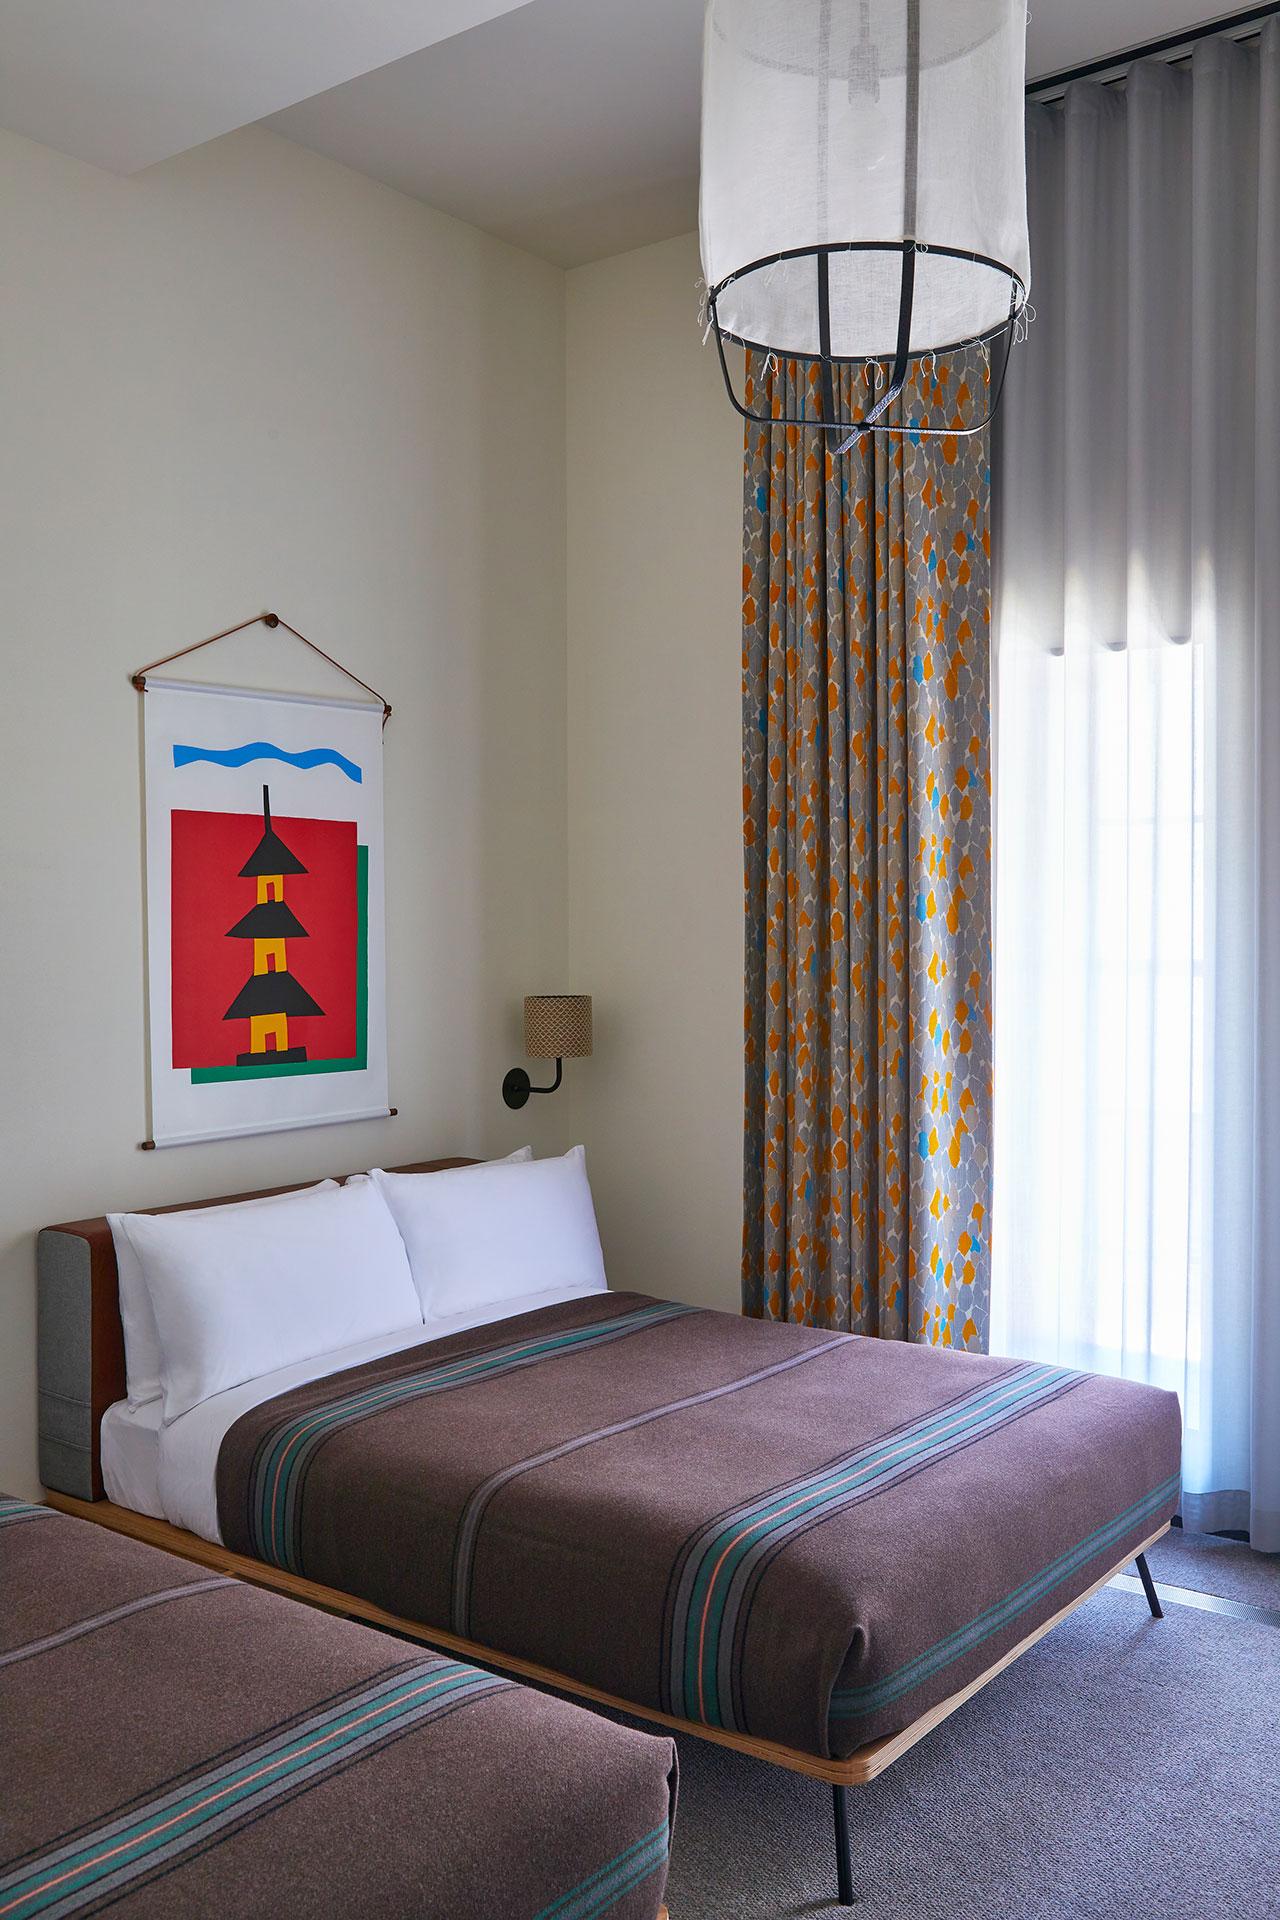 京都王牌酒店。 客房。 牧野佳弘摄。